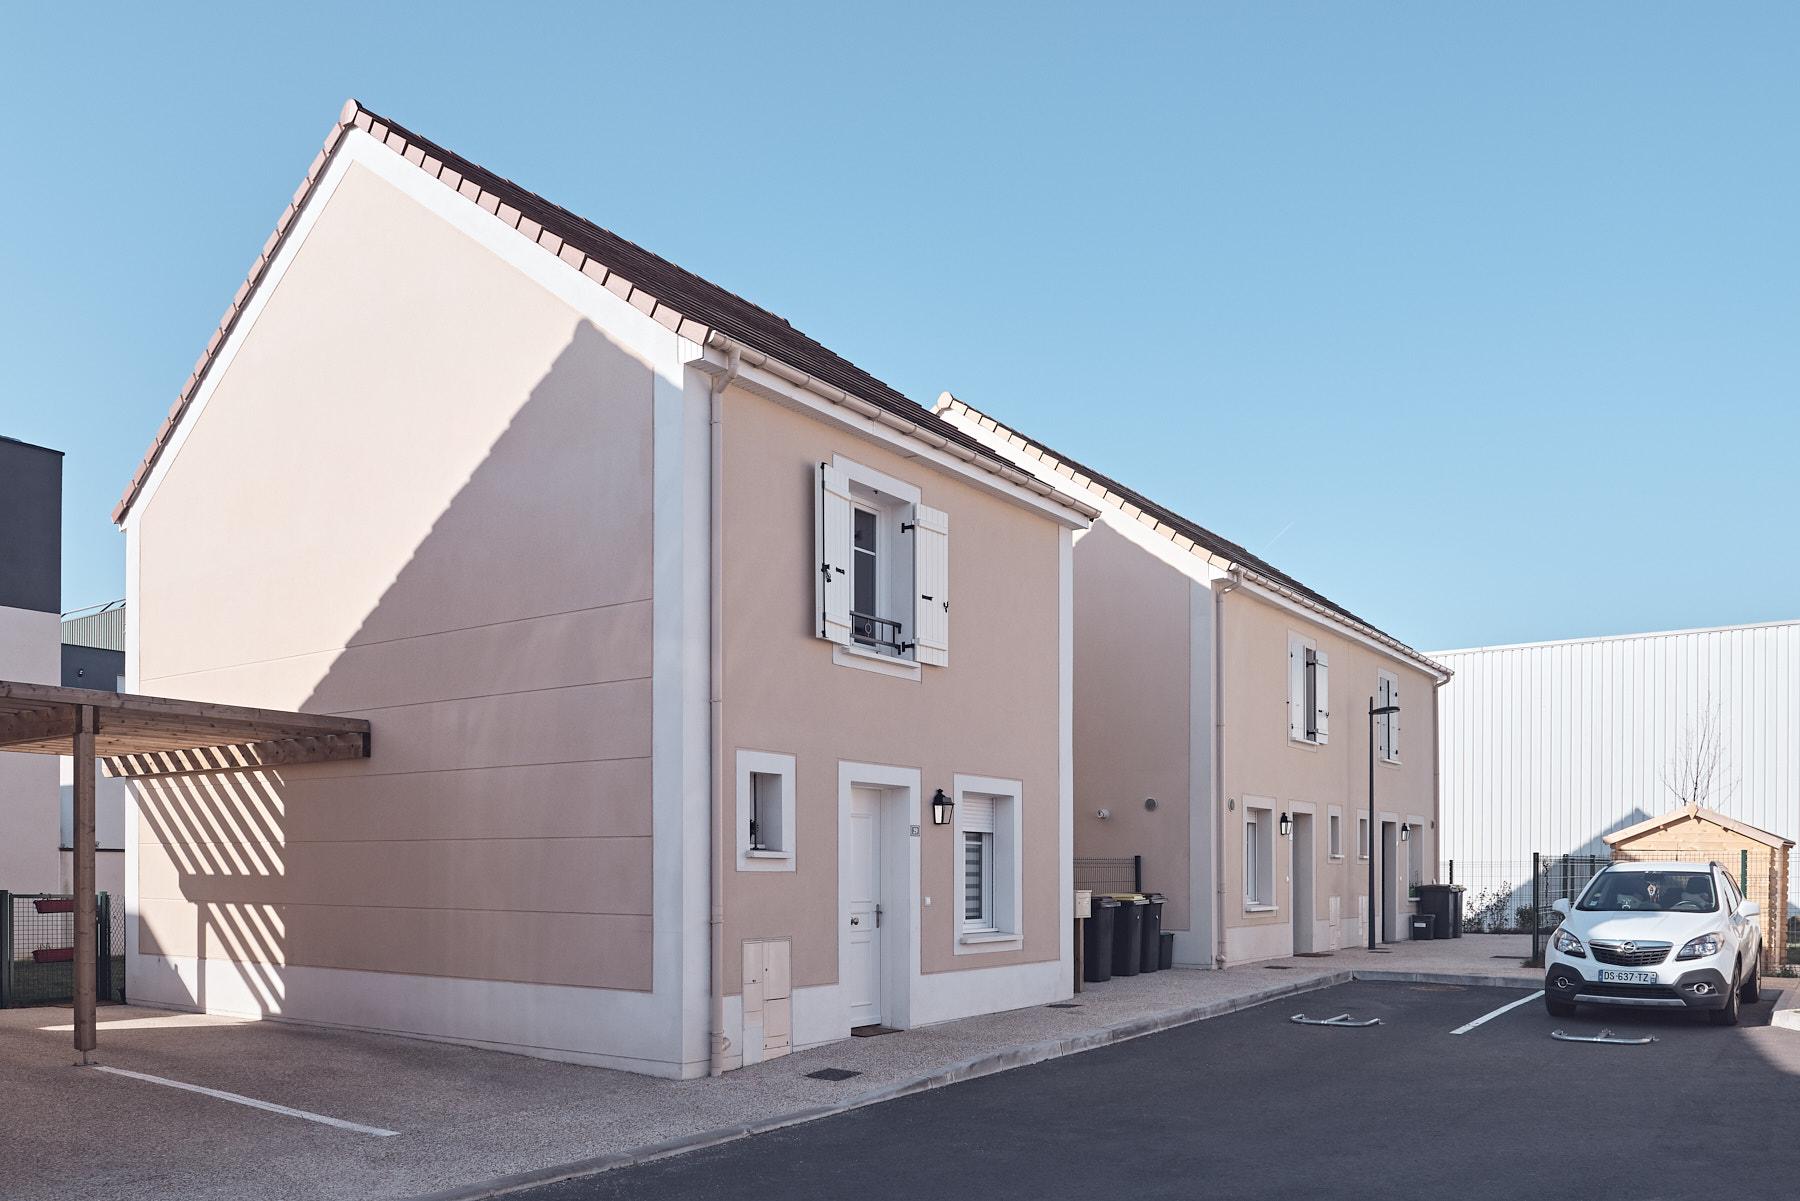 Atelier Cap architecture